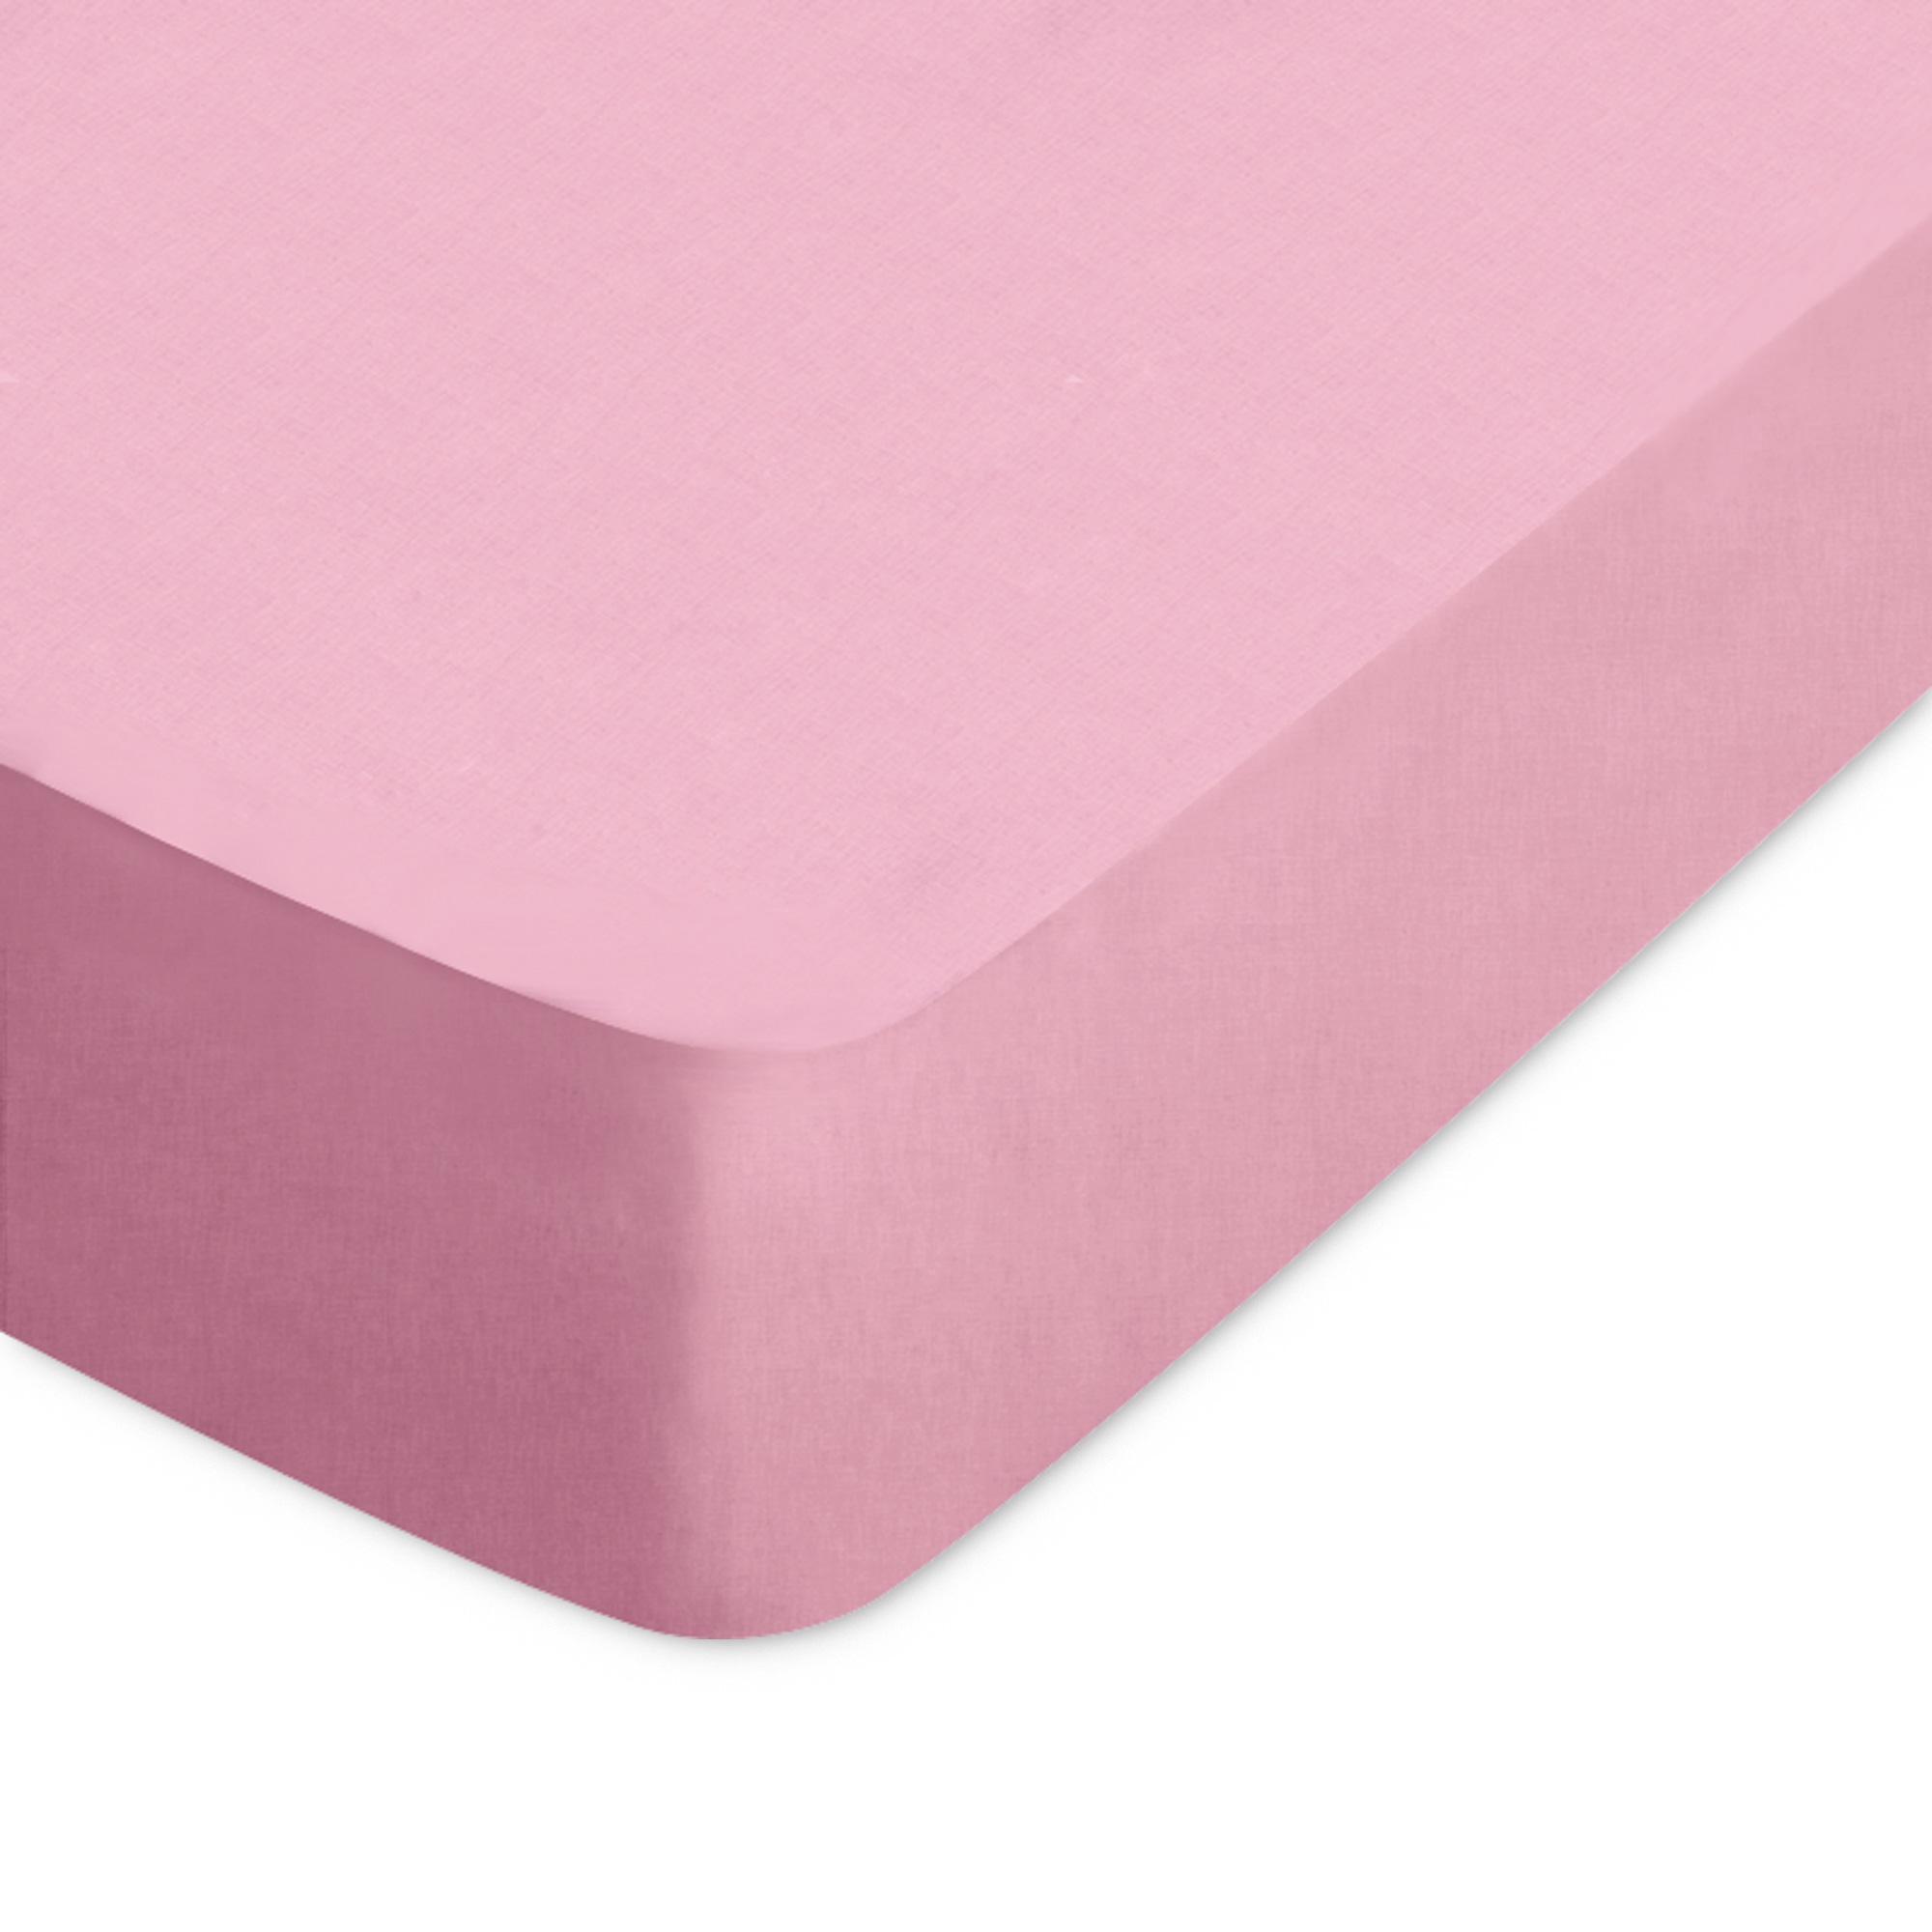 drap housse 150x200 cm Drap housse 150x200cm uni pur coton ALTO rose Macaron   Linnea  drap housse 150x200 cm